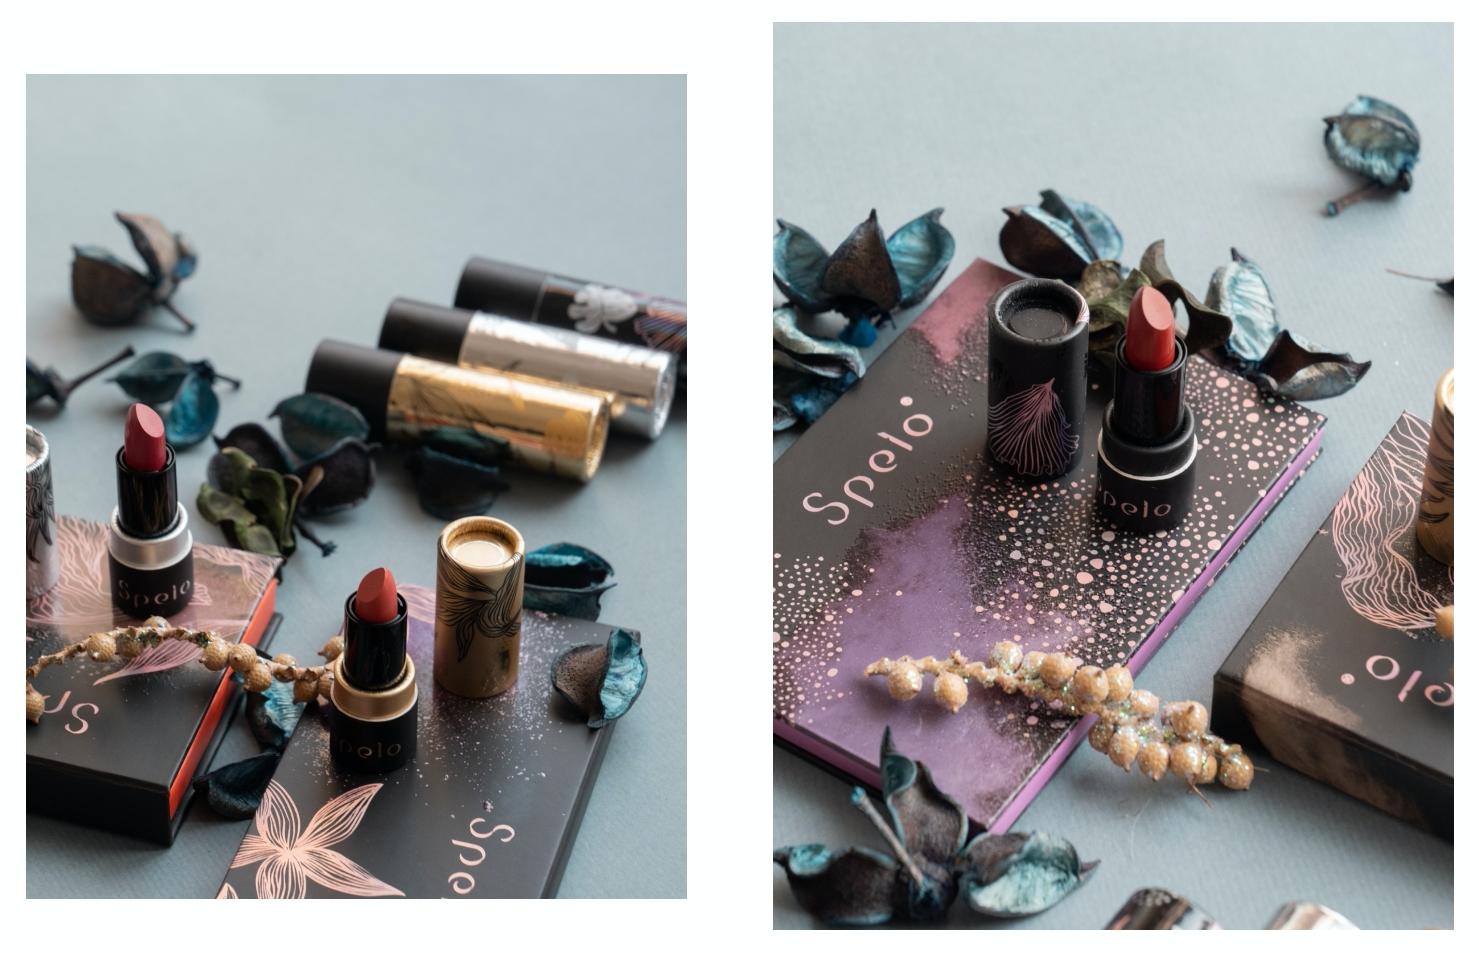 SPEIO 希貝妍彩妝推薦 飛向星空、夢中海洋彩盤打造兩款日常美妝